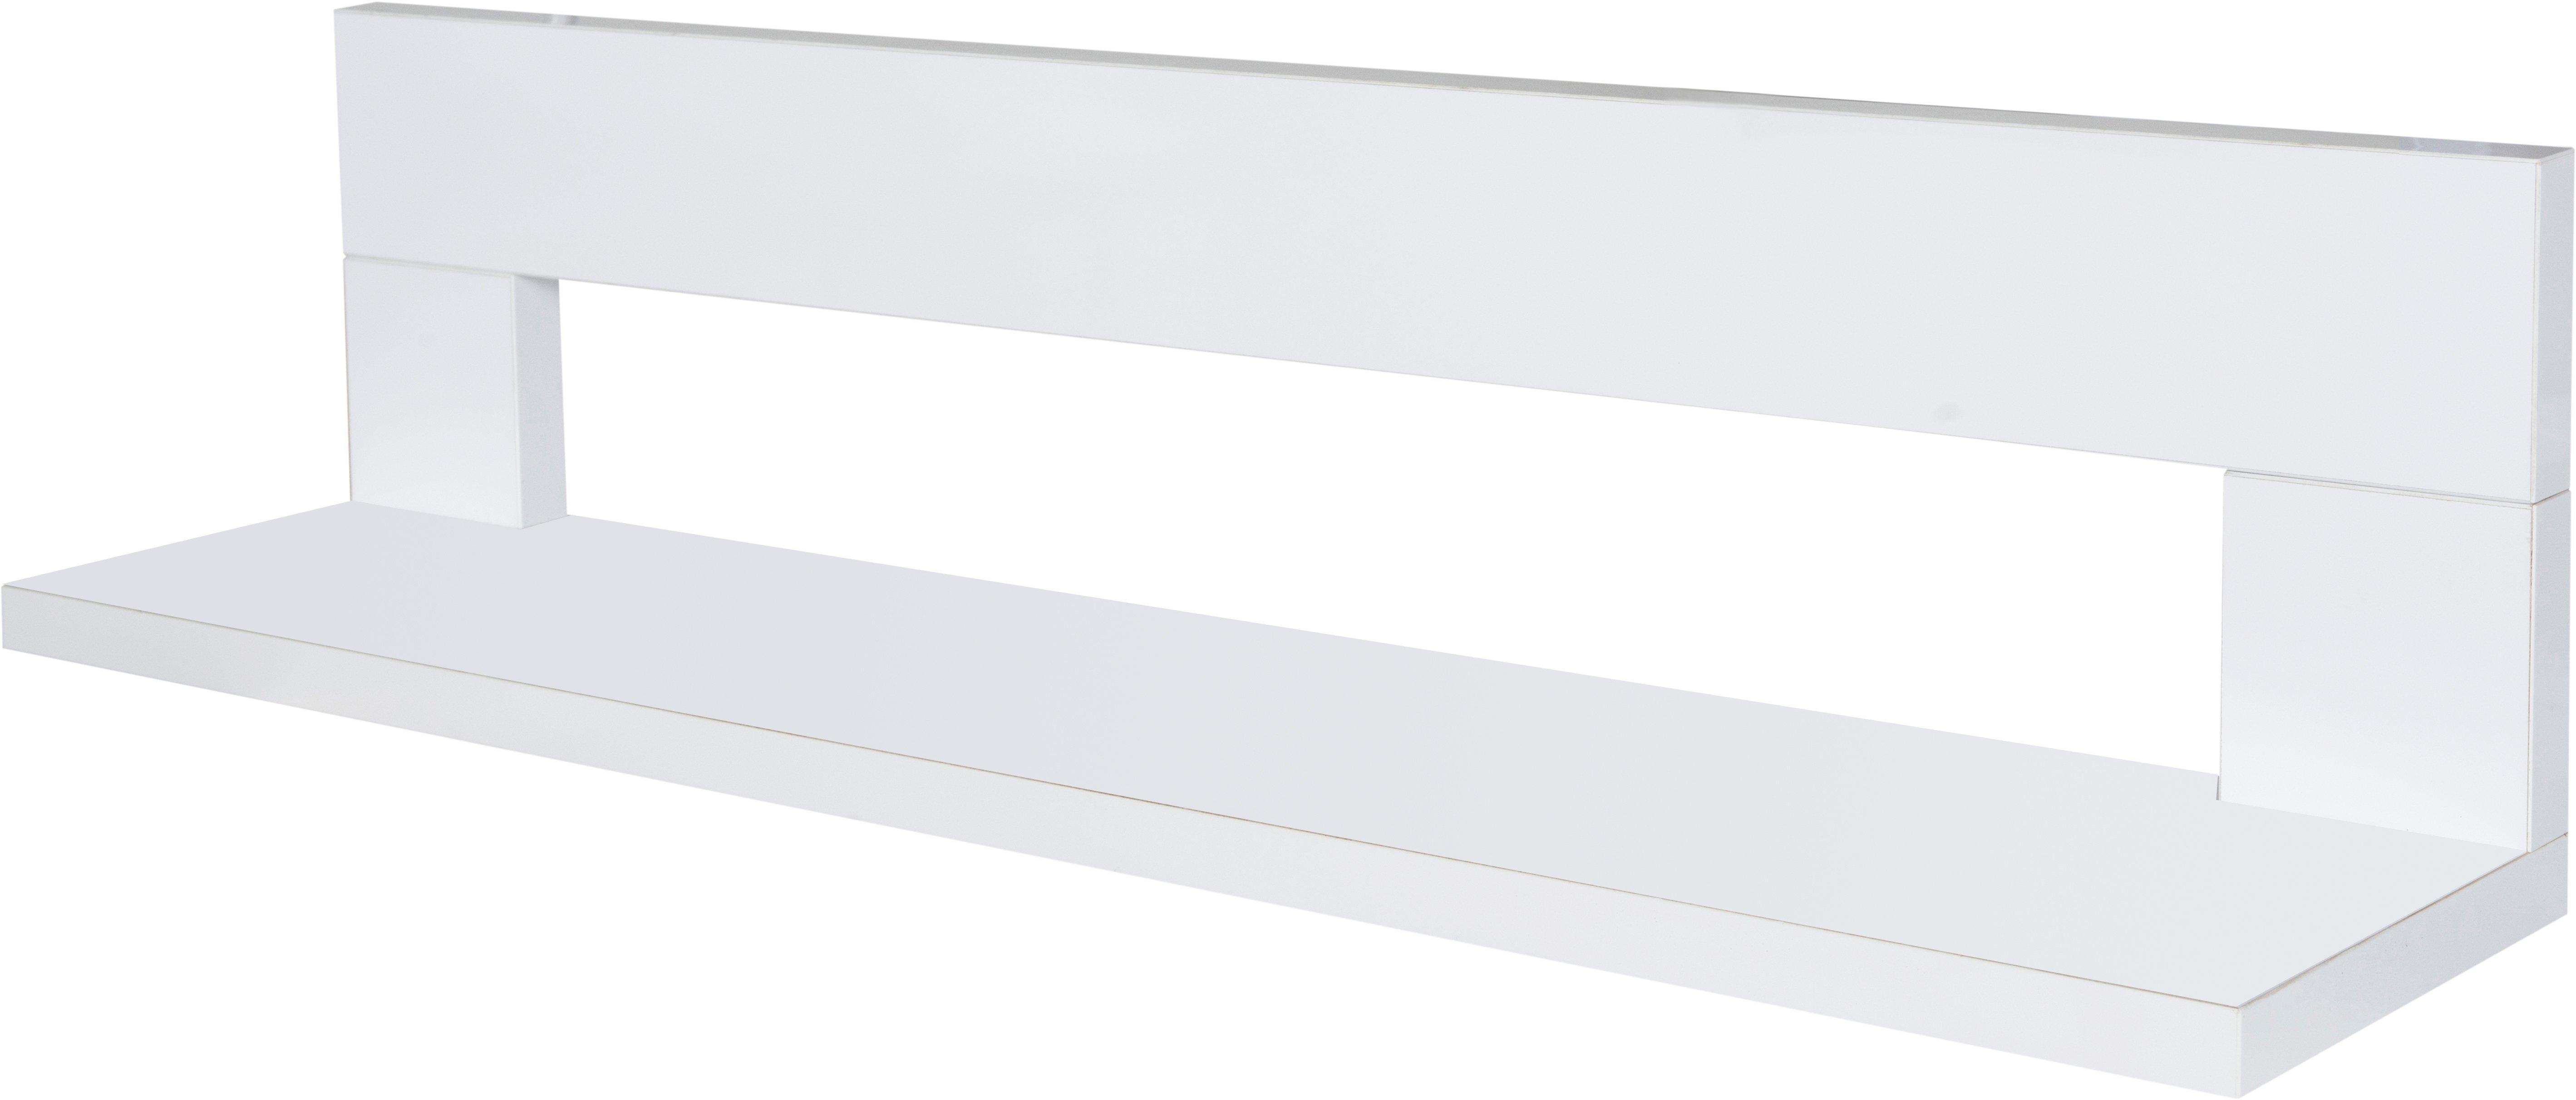 Schardt wandrek Nordic White Made in Germany voordelig en veilig online kopen